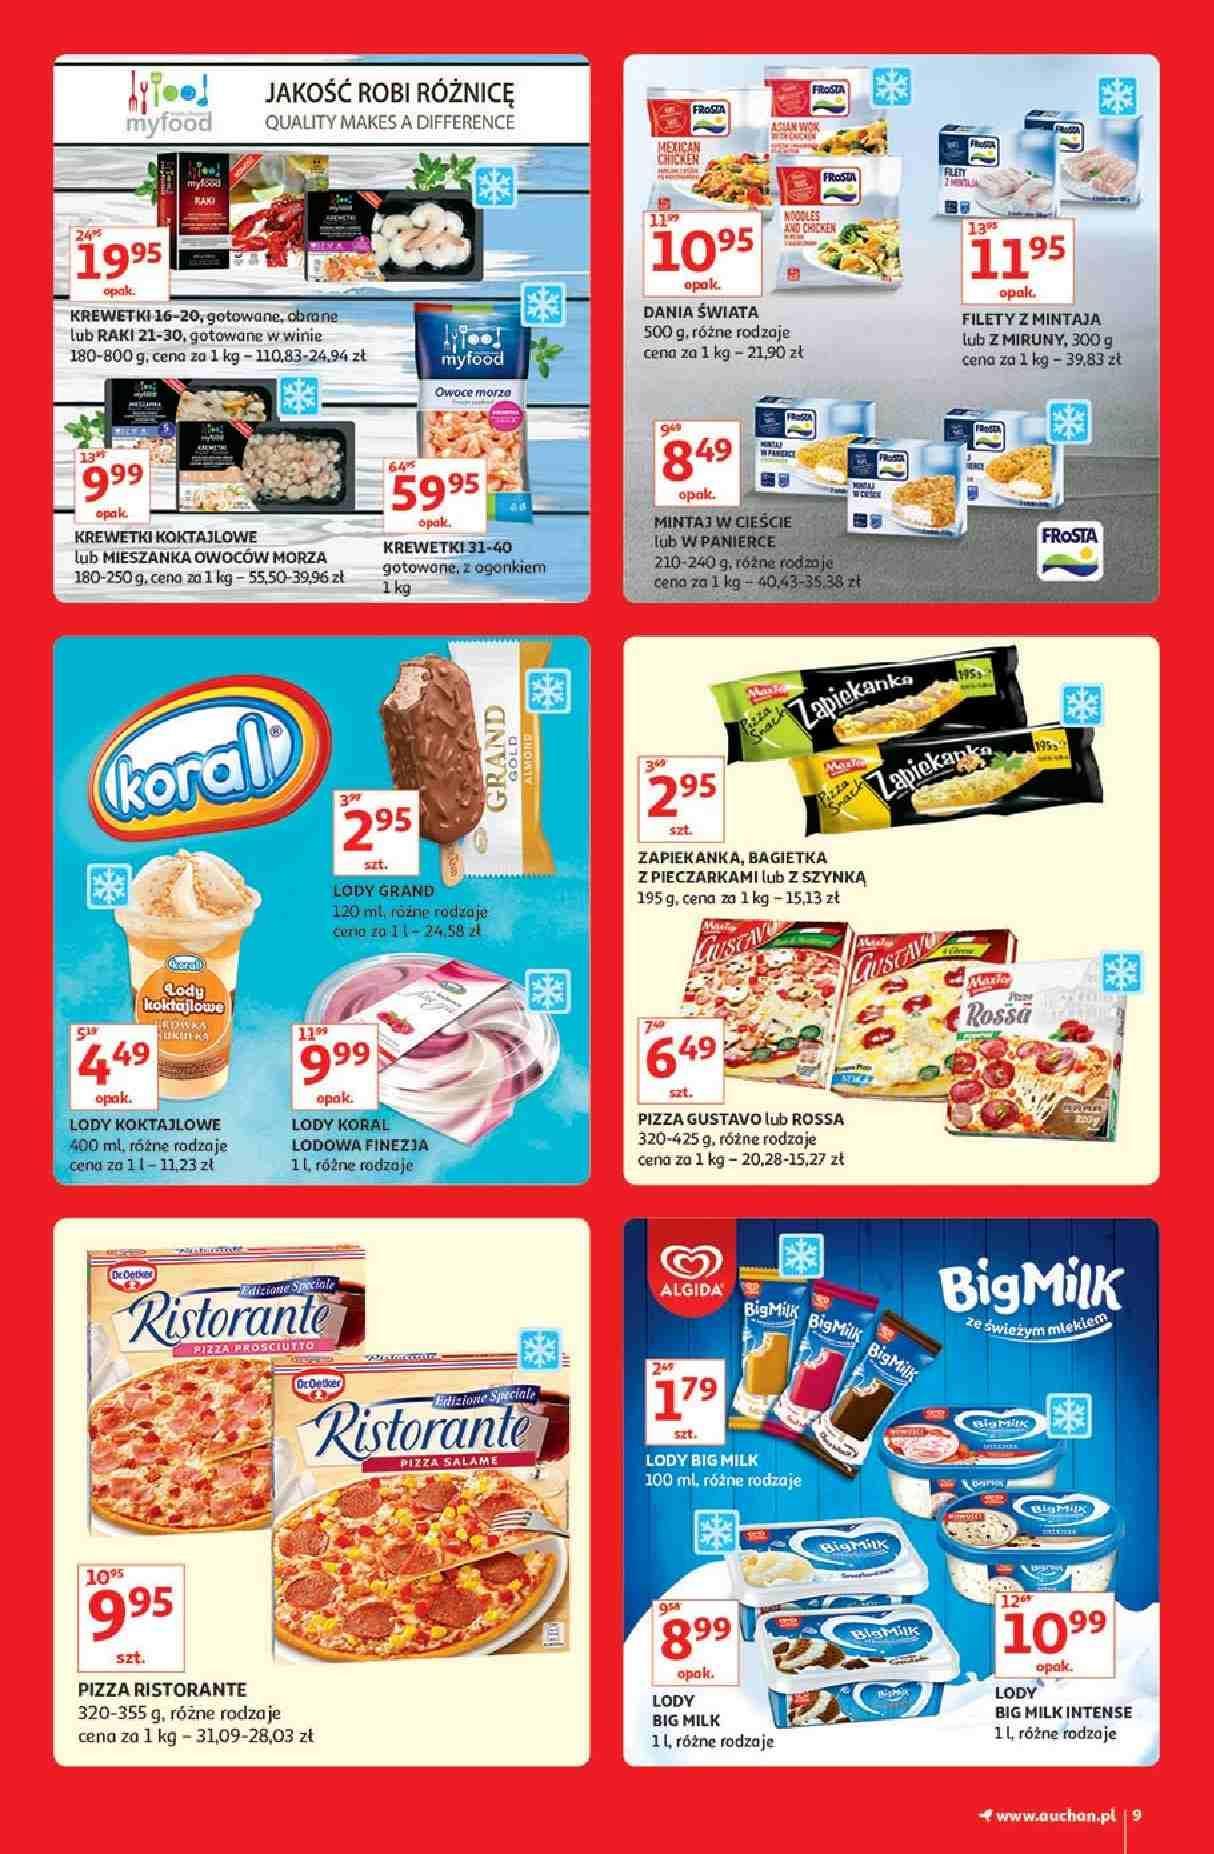 Gazetka promocyjna Auchan do 13/03/2019 str.9